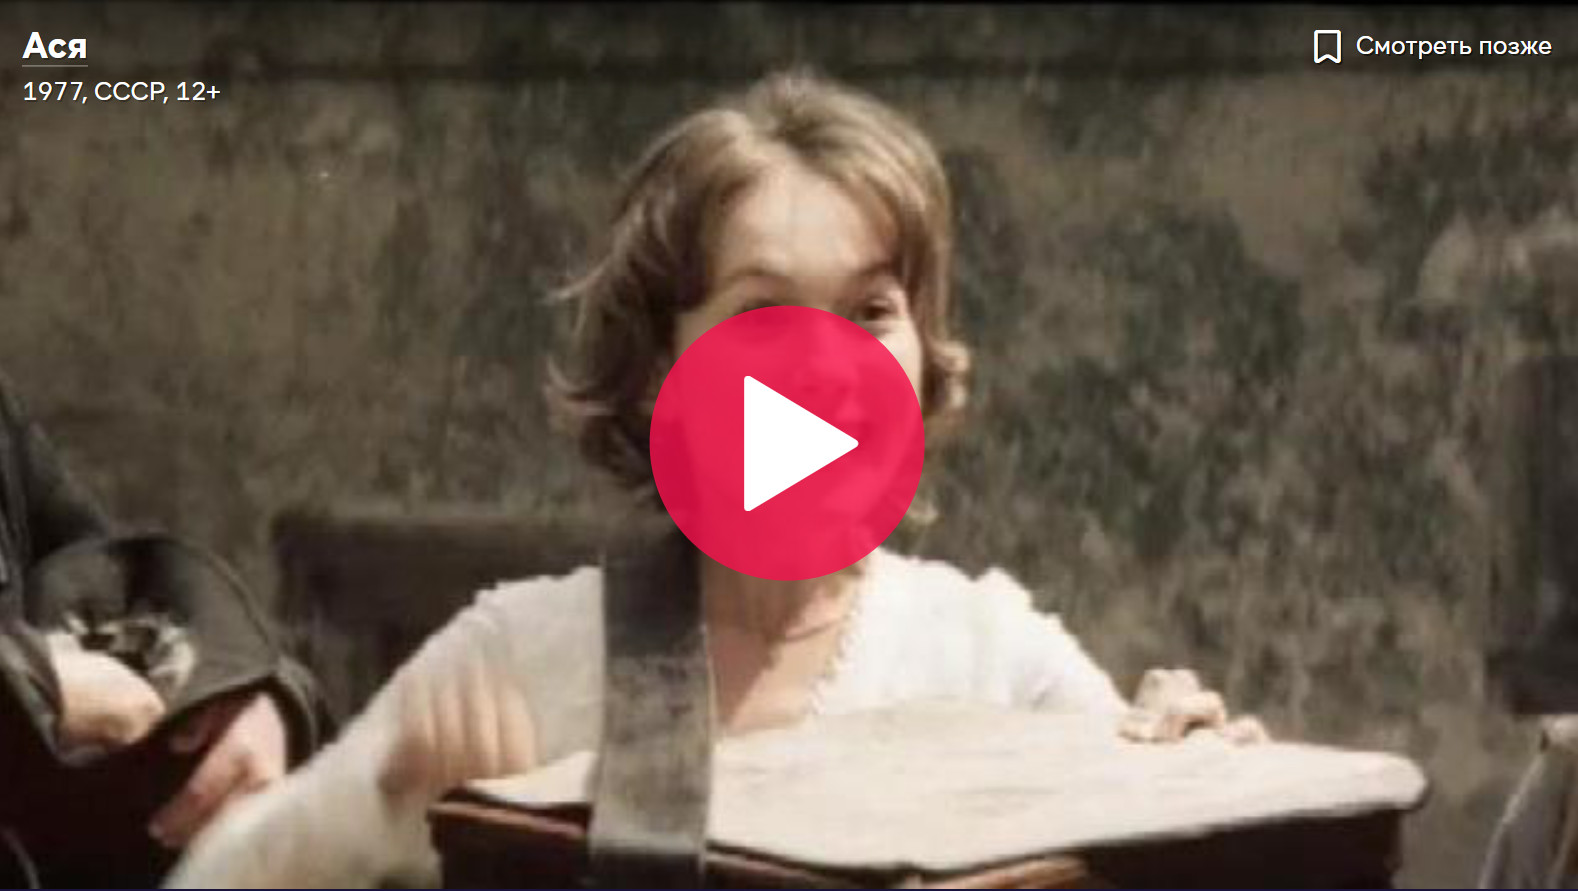 ПРОИЗВЕДЕНИЯ И.С. ТУРГЕНЕВА В КИНО (С просмотром фильма)